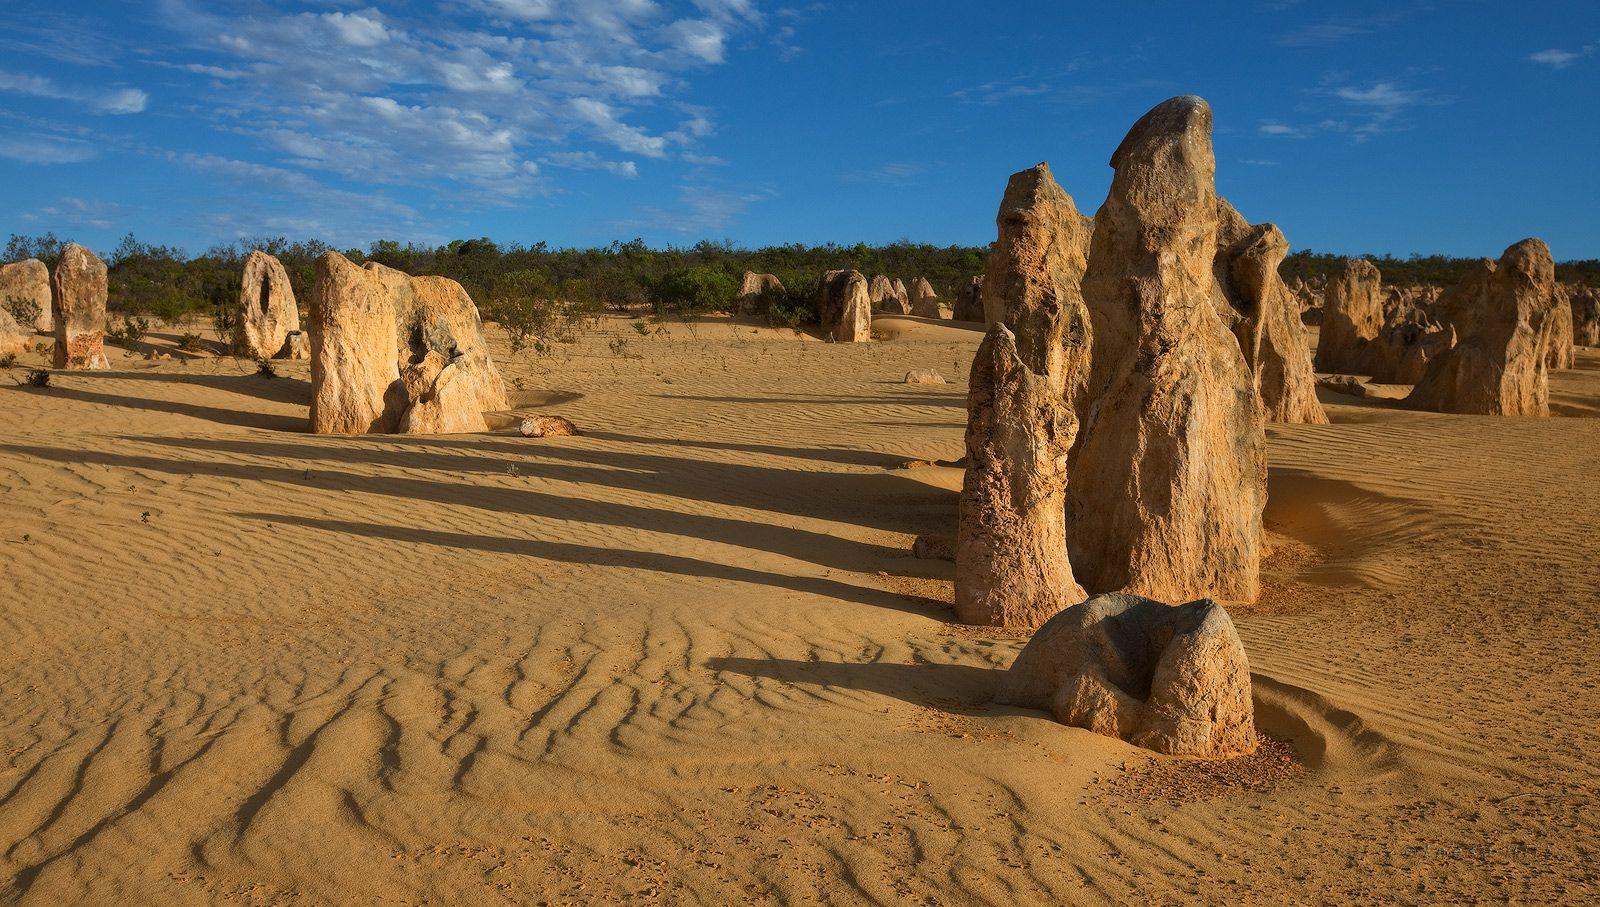 8. Лучше всего побывать в Pinnacle Desert на рассвете или в конце дня, когда башенки отбрасывают красивые длинные тени.